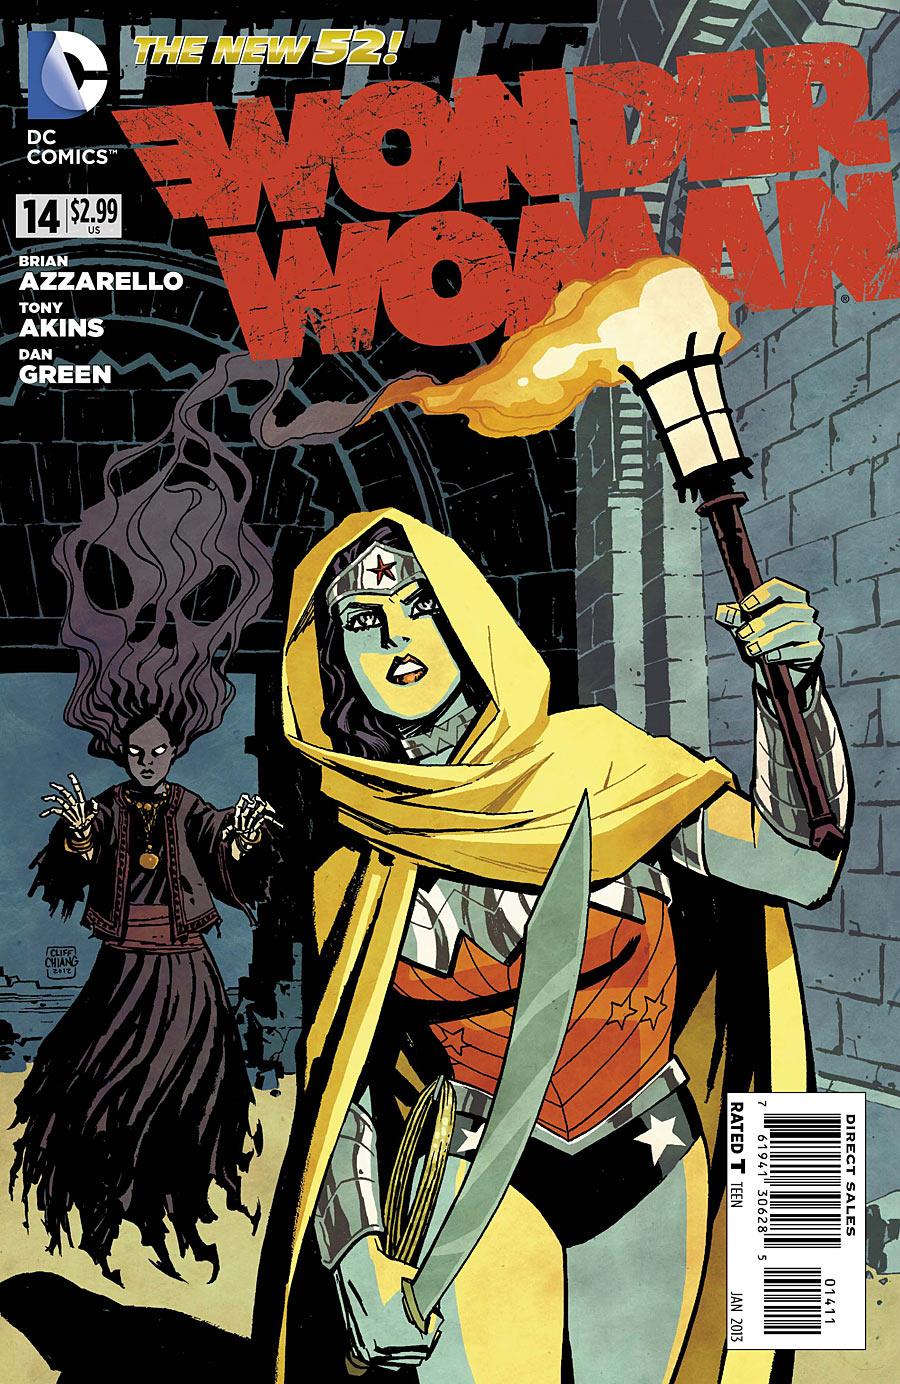 Wonder Woman 14 C Wonder Woman #14 Review